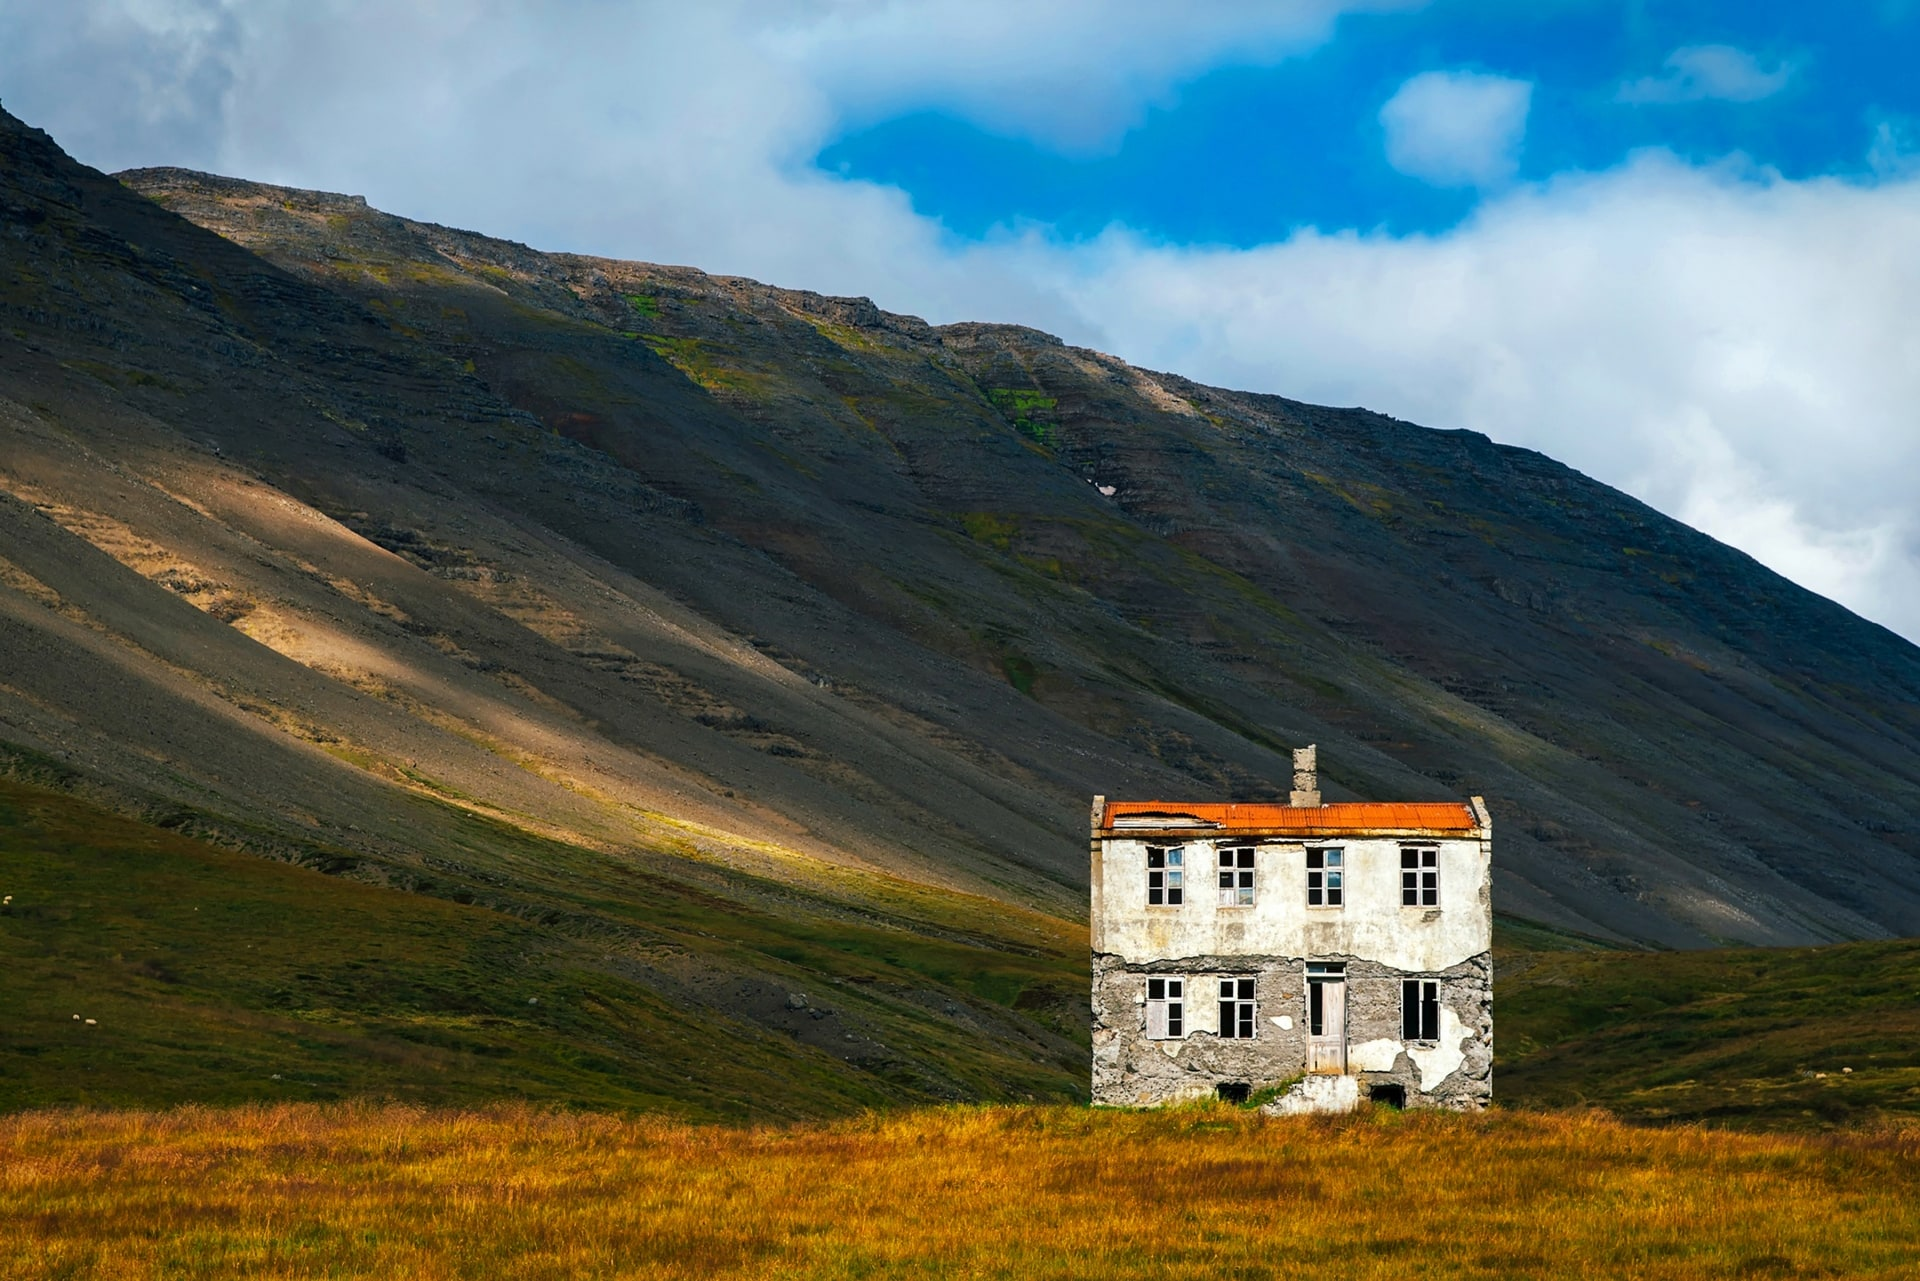 Uważaj na nieprzejezdne drogi i zmiany pogody w Islandii